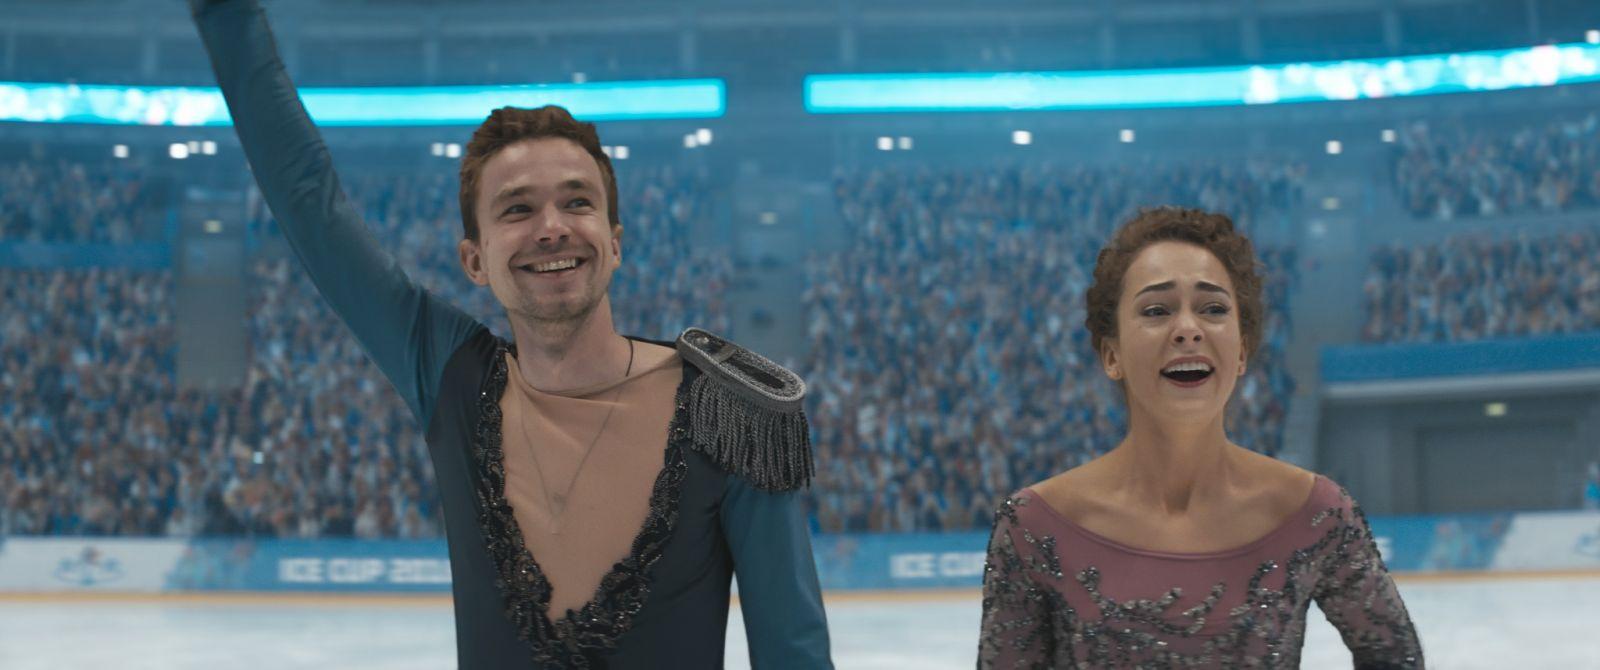 Спортивная мелодрама «Лед» получит продолжение.